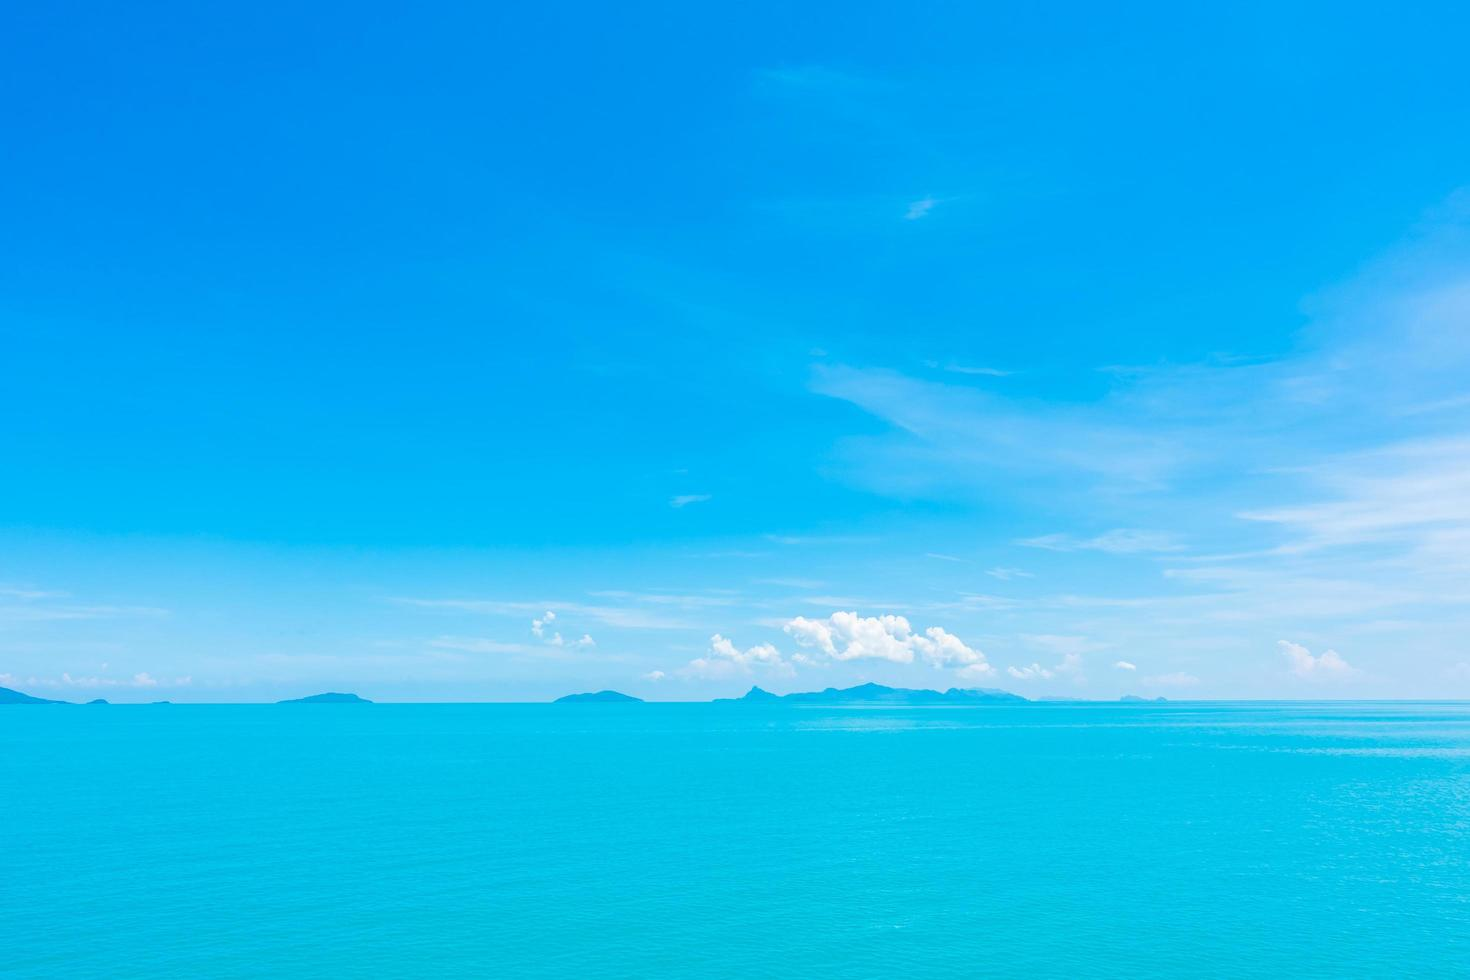 prachtige oceaan met wolken op blauwe hemel foto